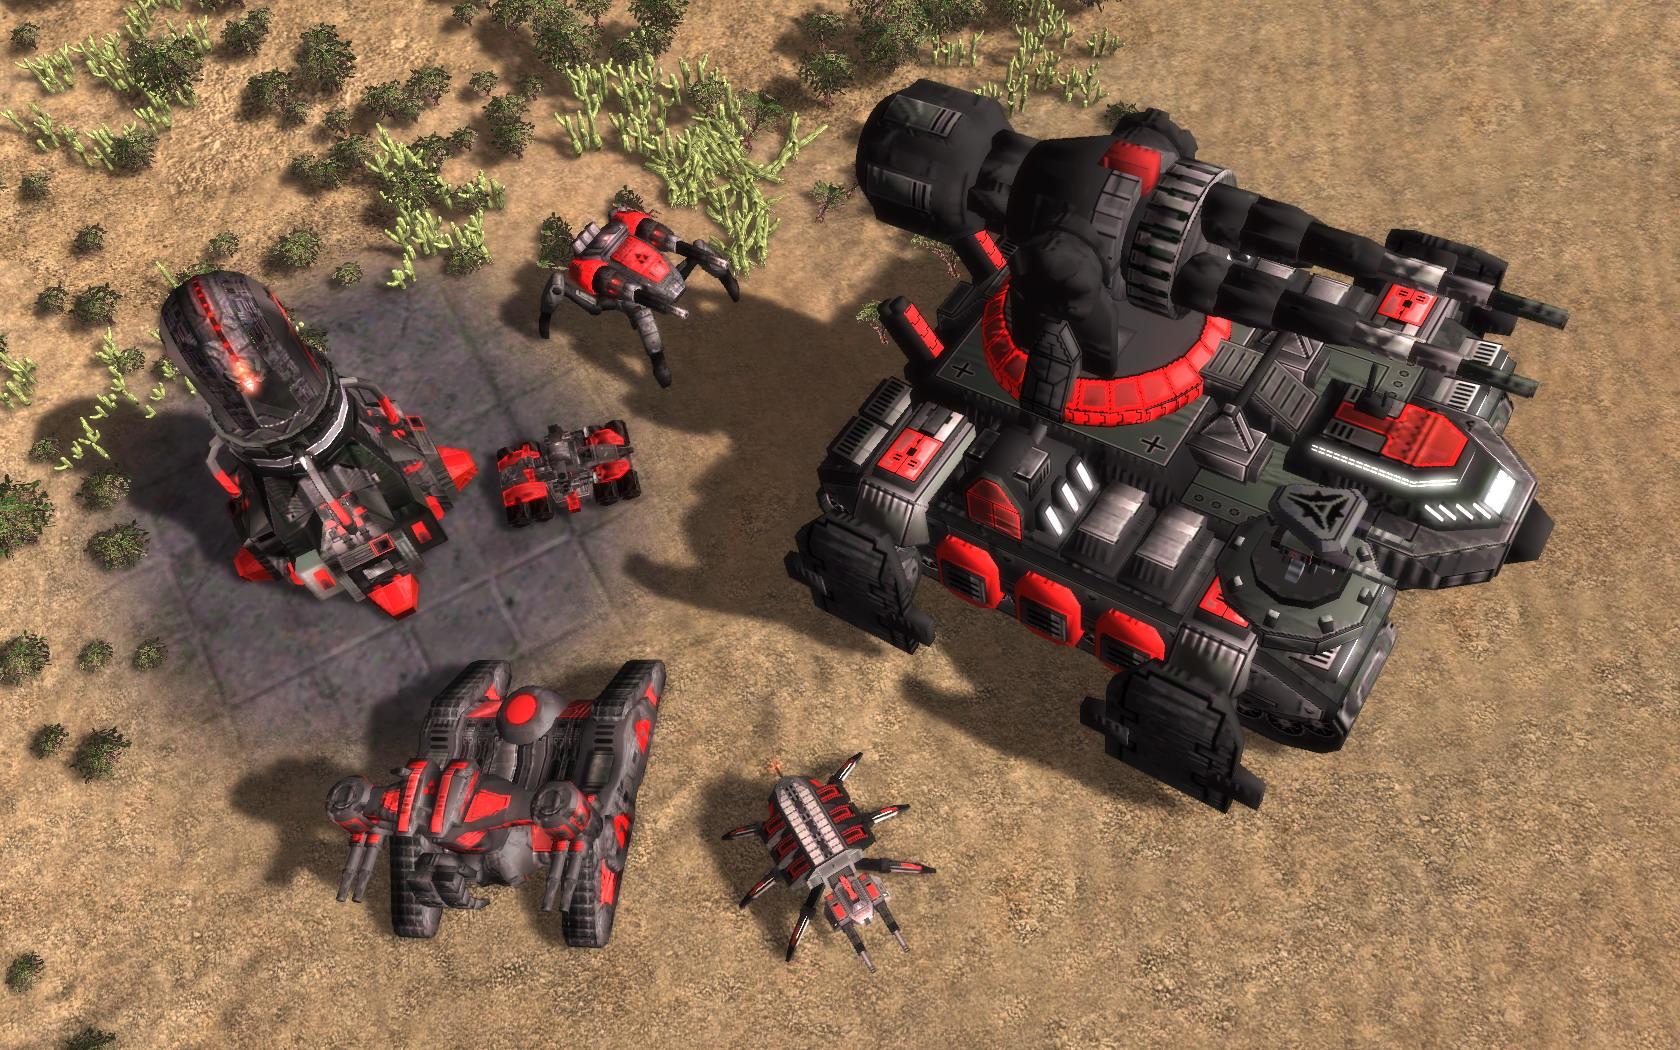 In Game Shots Image 4th Dimension Fa Mod For Supreme Commander